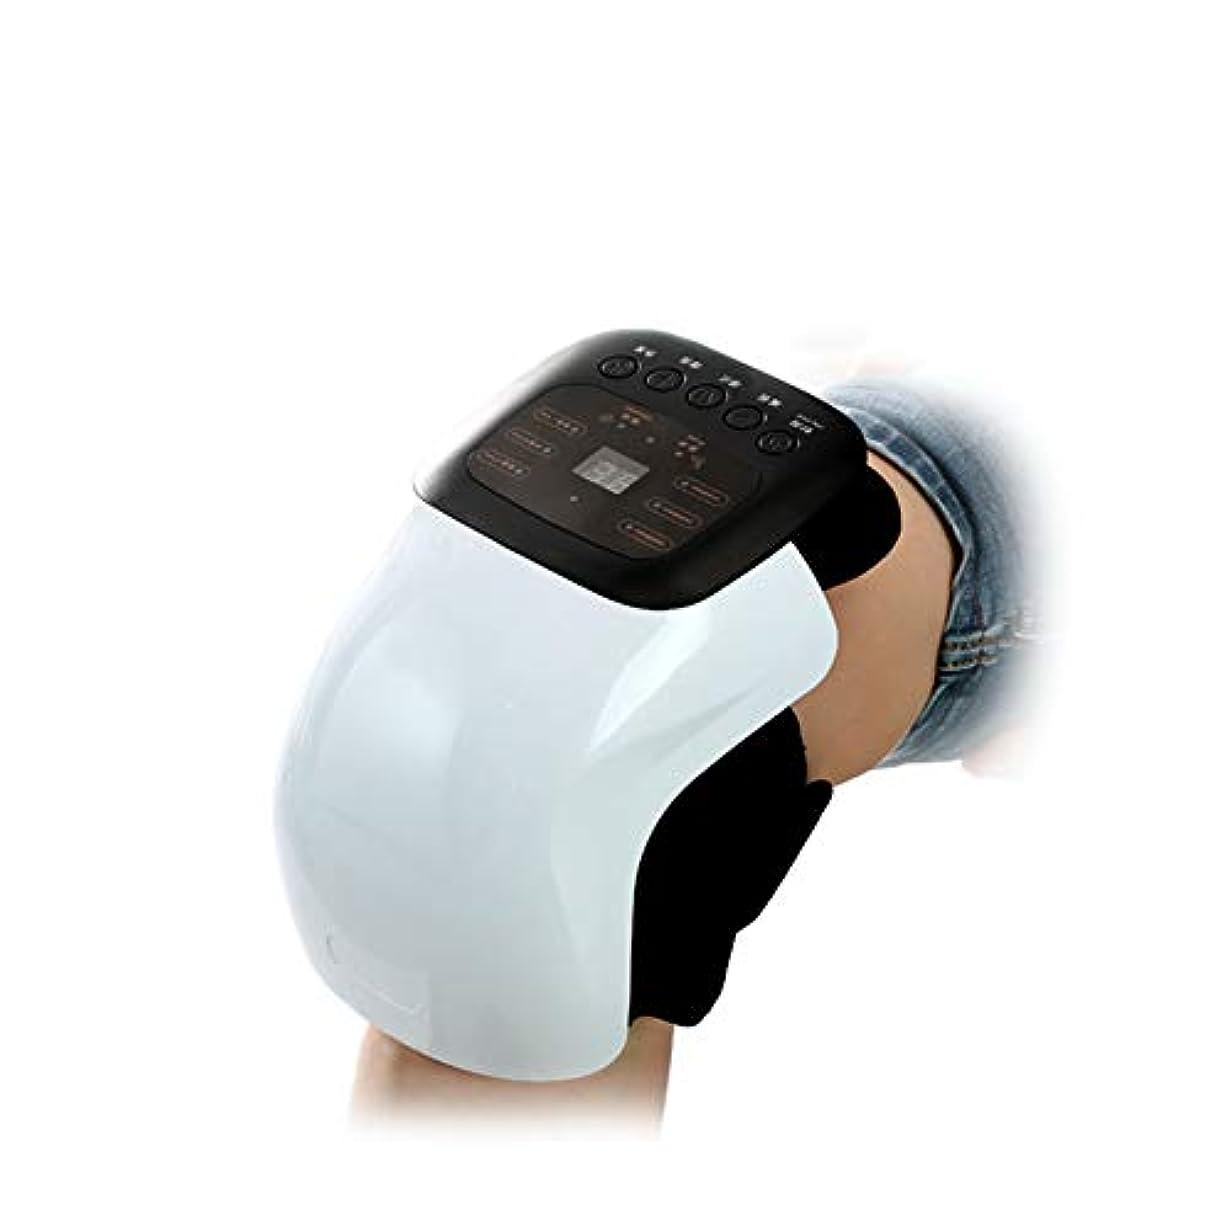 変形性関節症リウマチ関節炎、電気痛緩和ケア用品のためのパルス、振動、加熱を伴うスマートニー理学療法マッサージ器